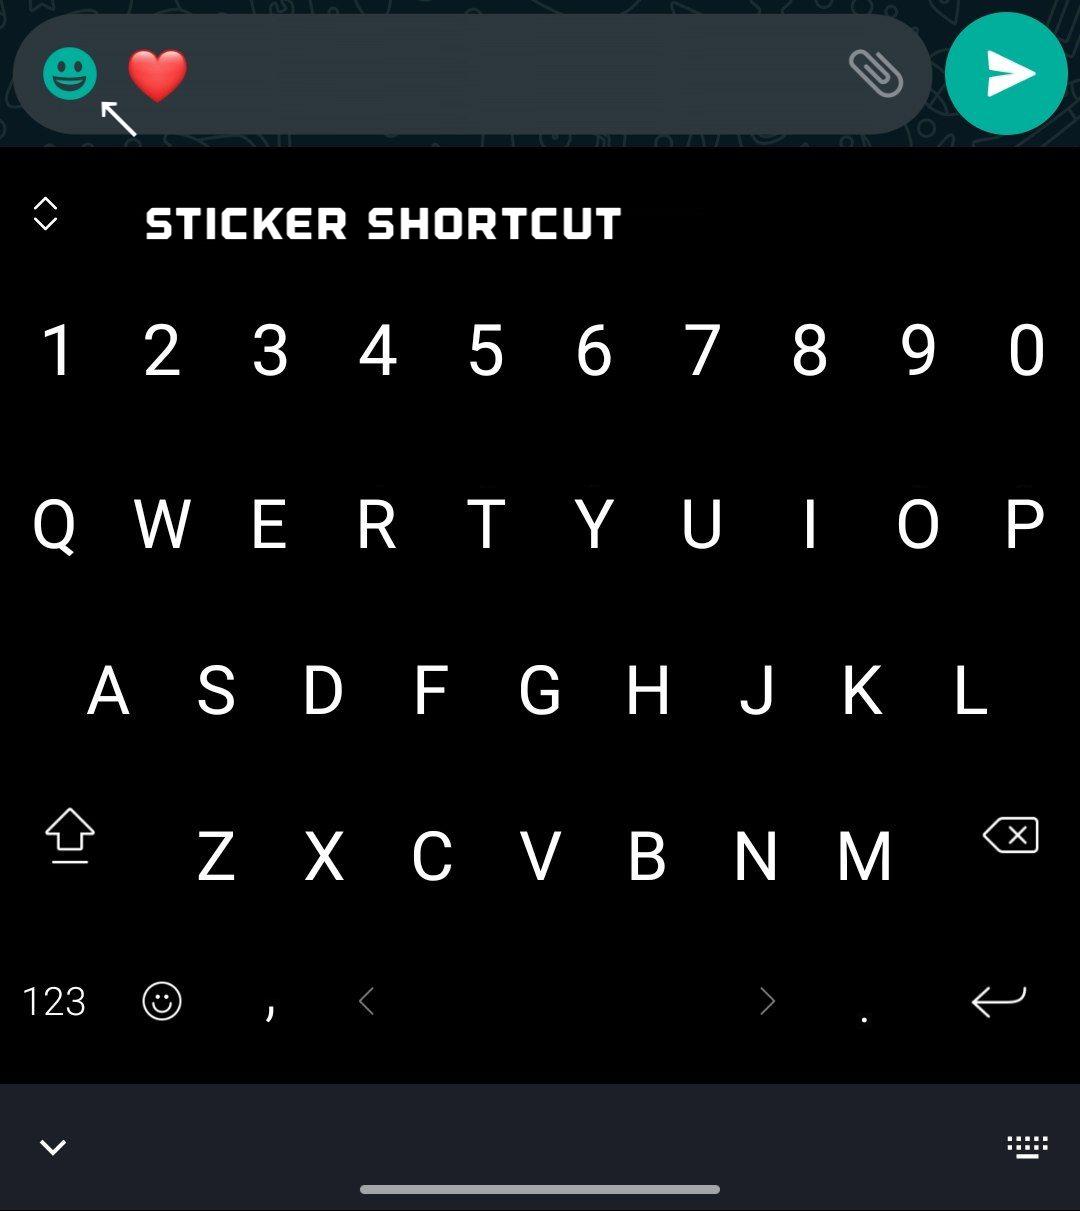 WhatsApp scurtare stickere